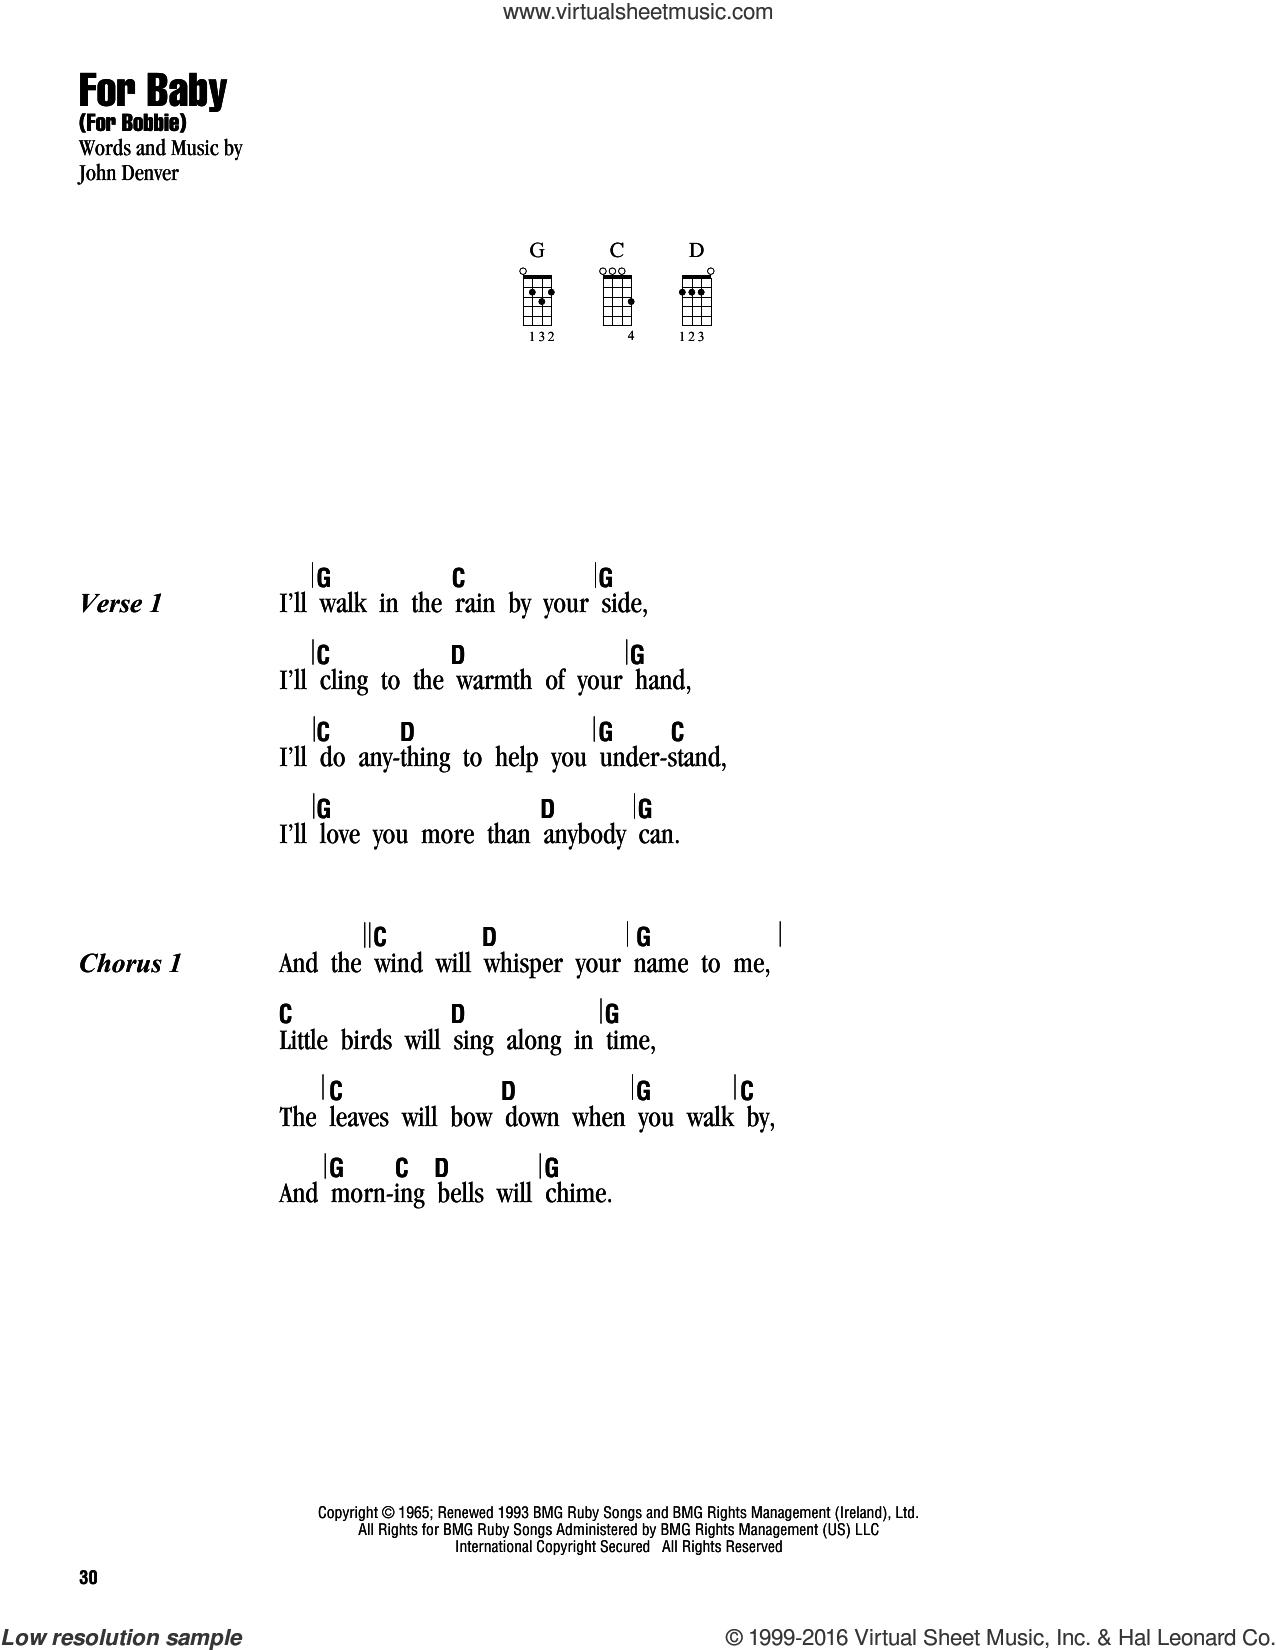 For Baby (For Bobbie) sheet music for ukulele (chords) by John Denver, intermediate skill level